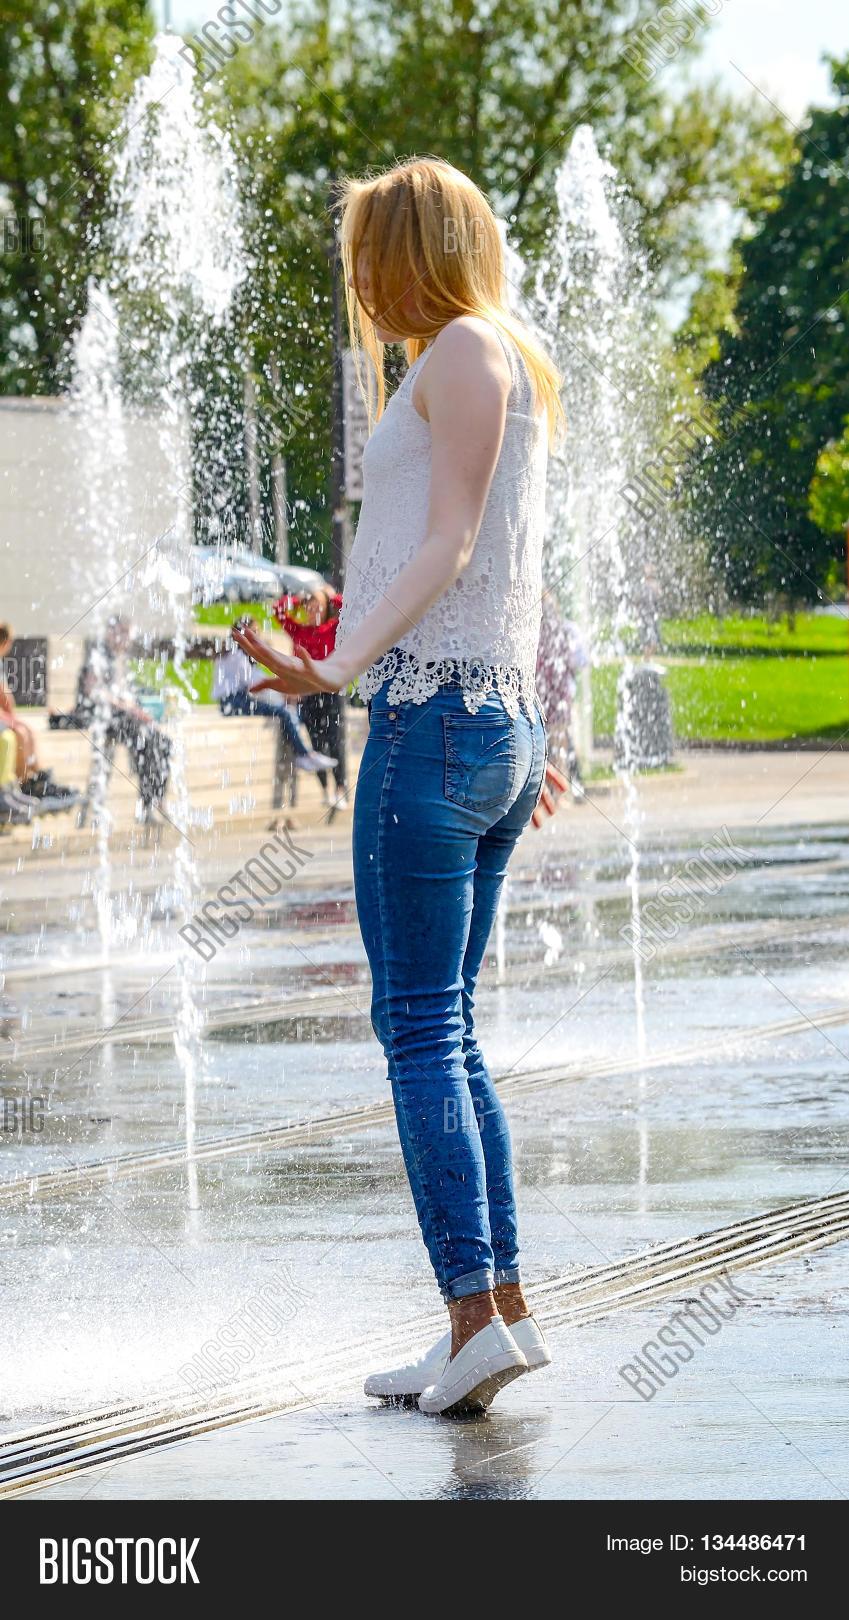 Jeans teen wet